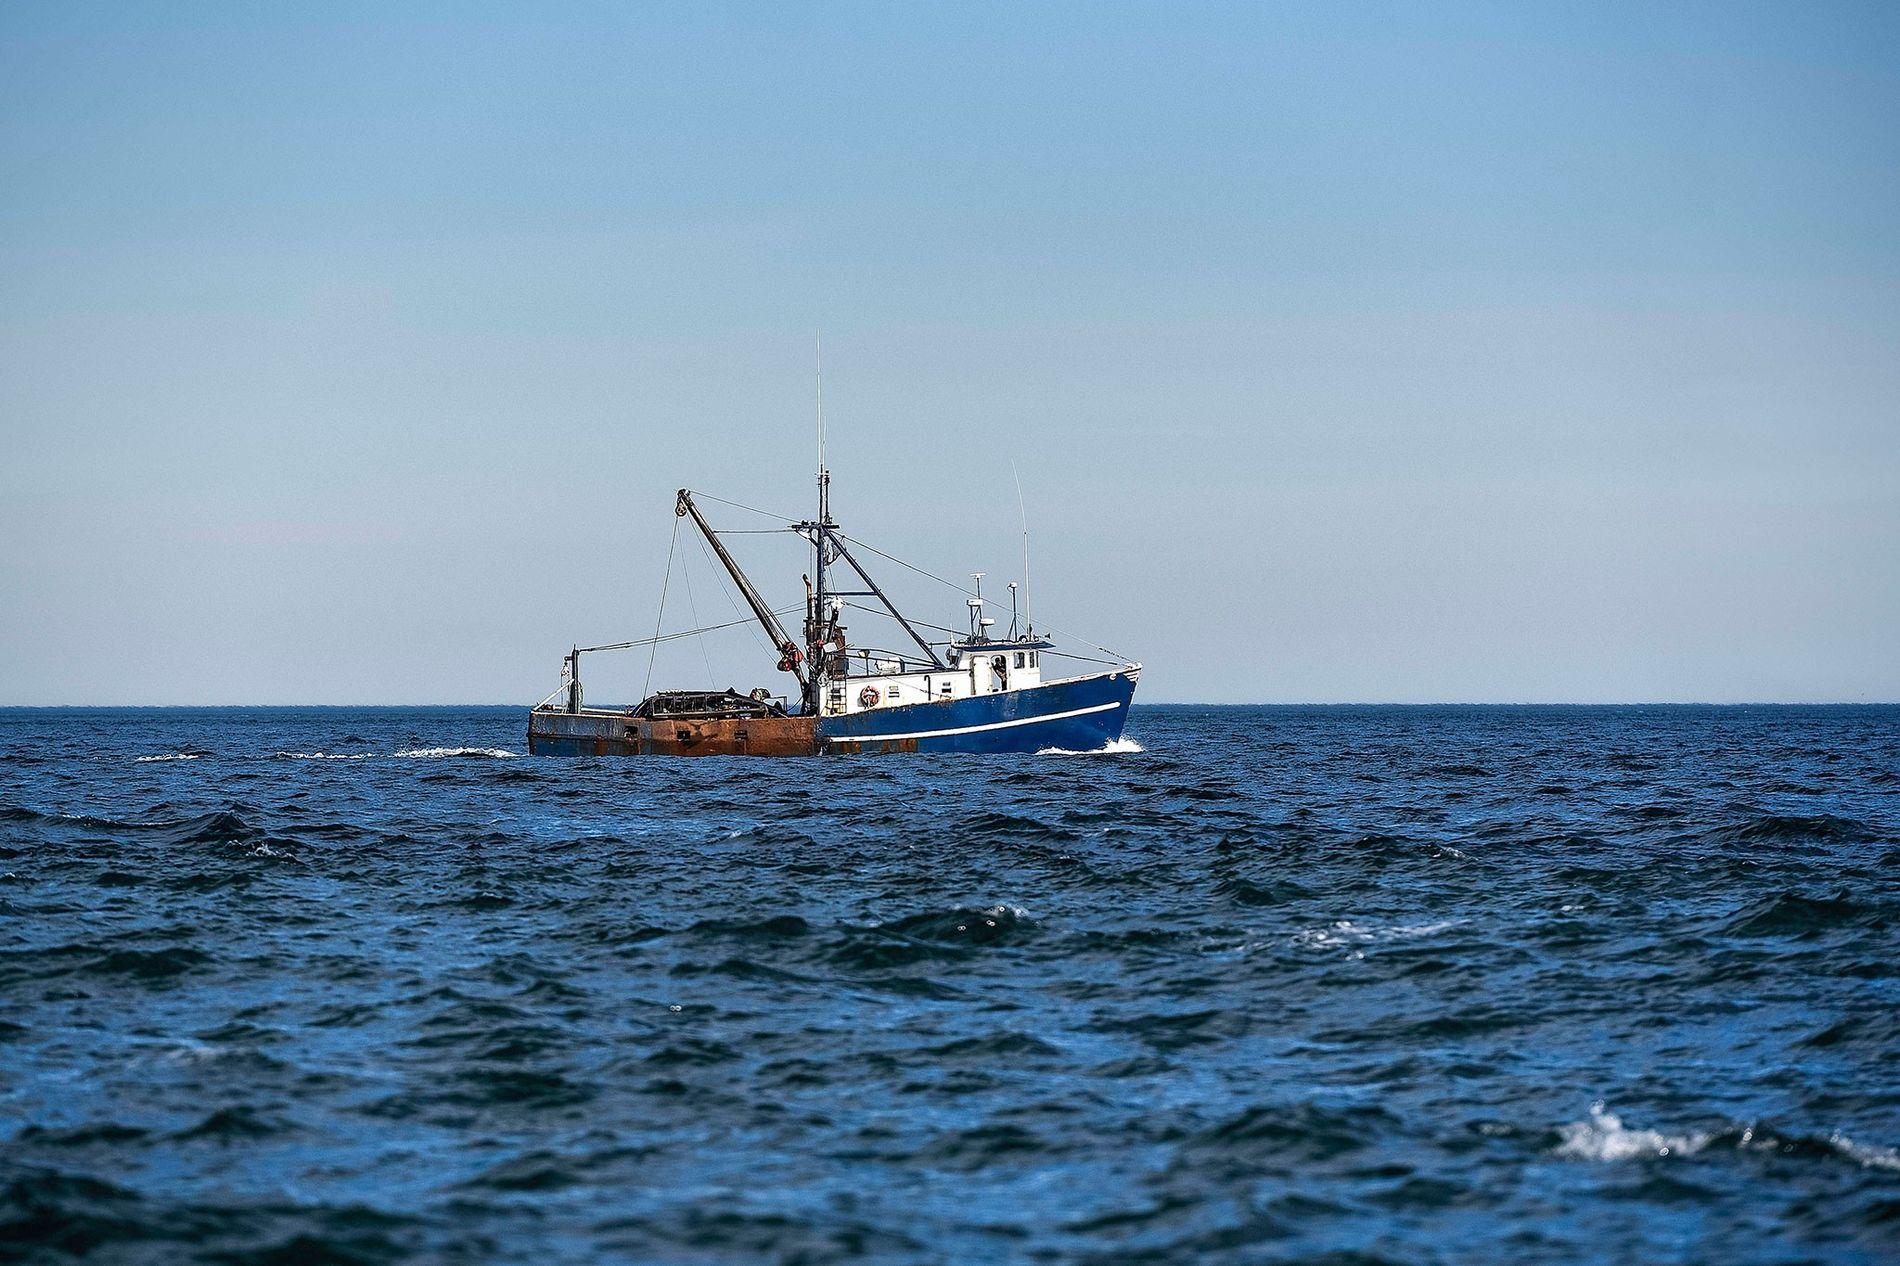 Un bateau de pêche sort en mer.